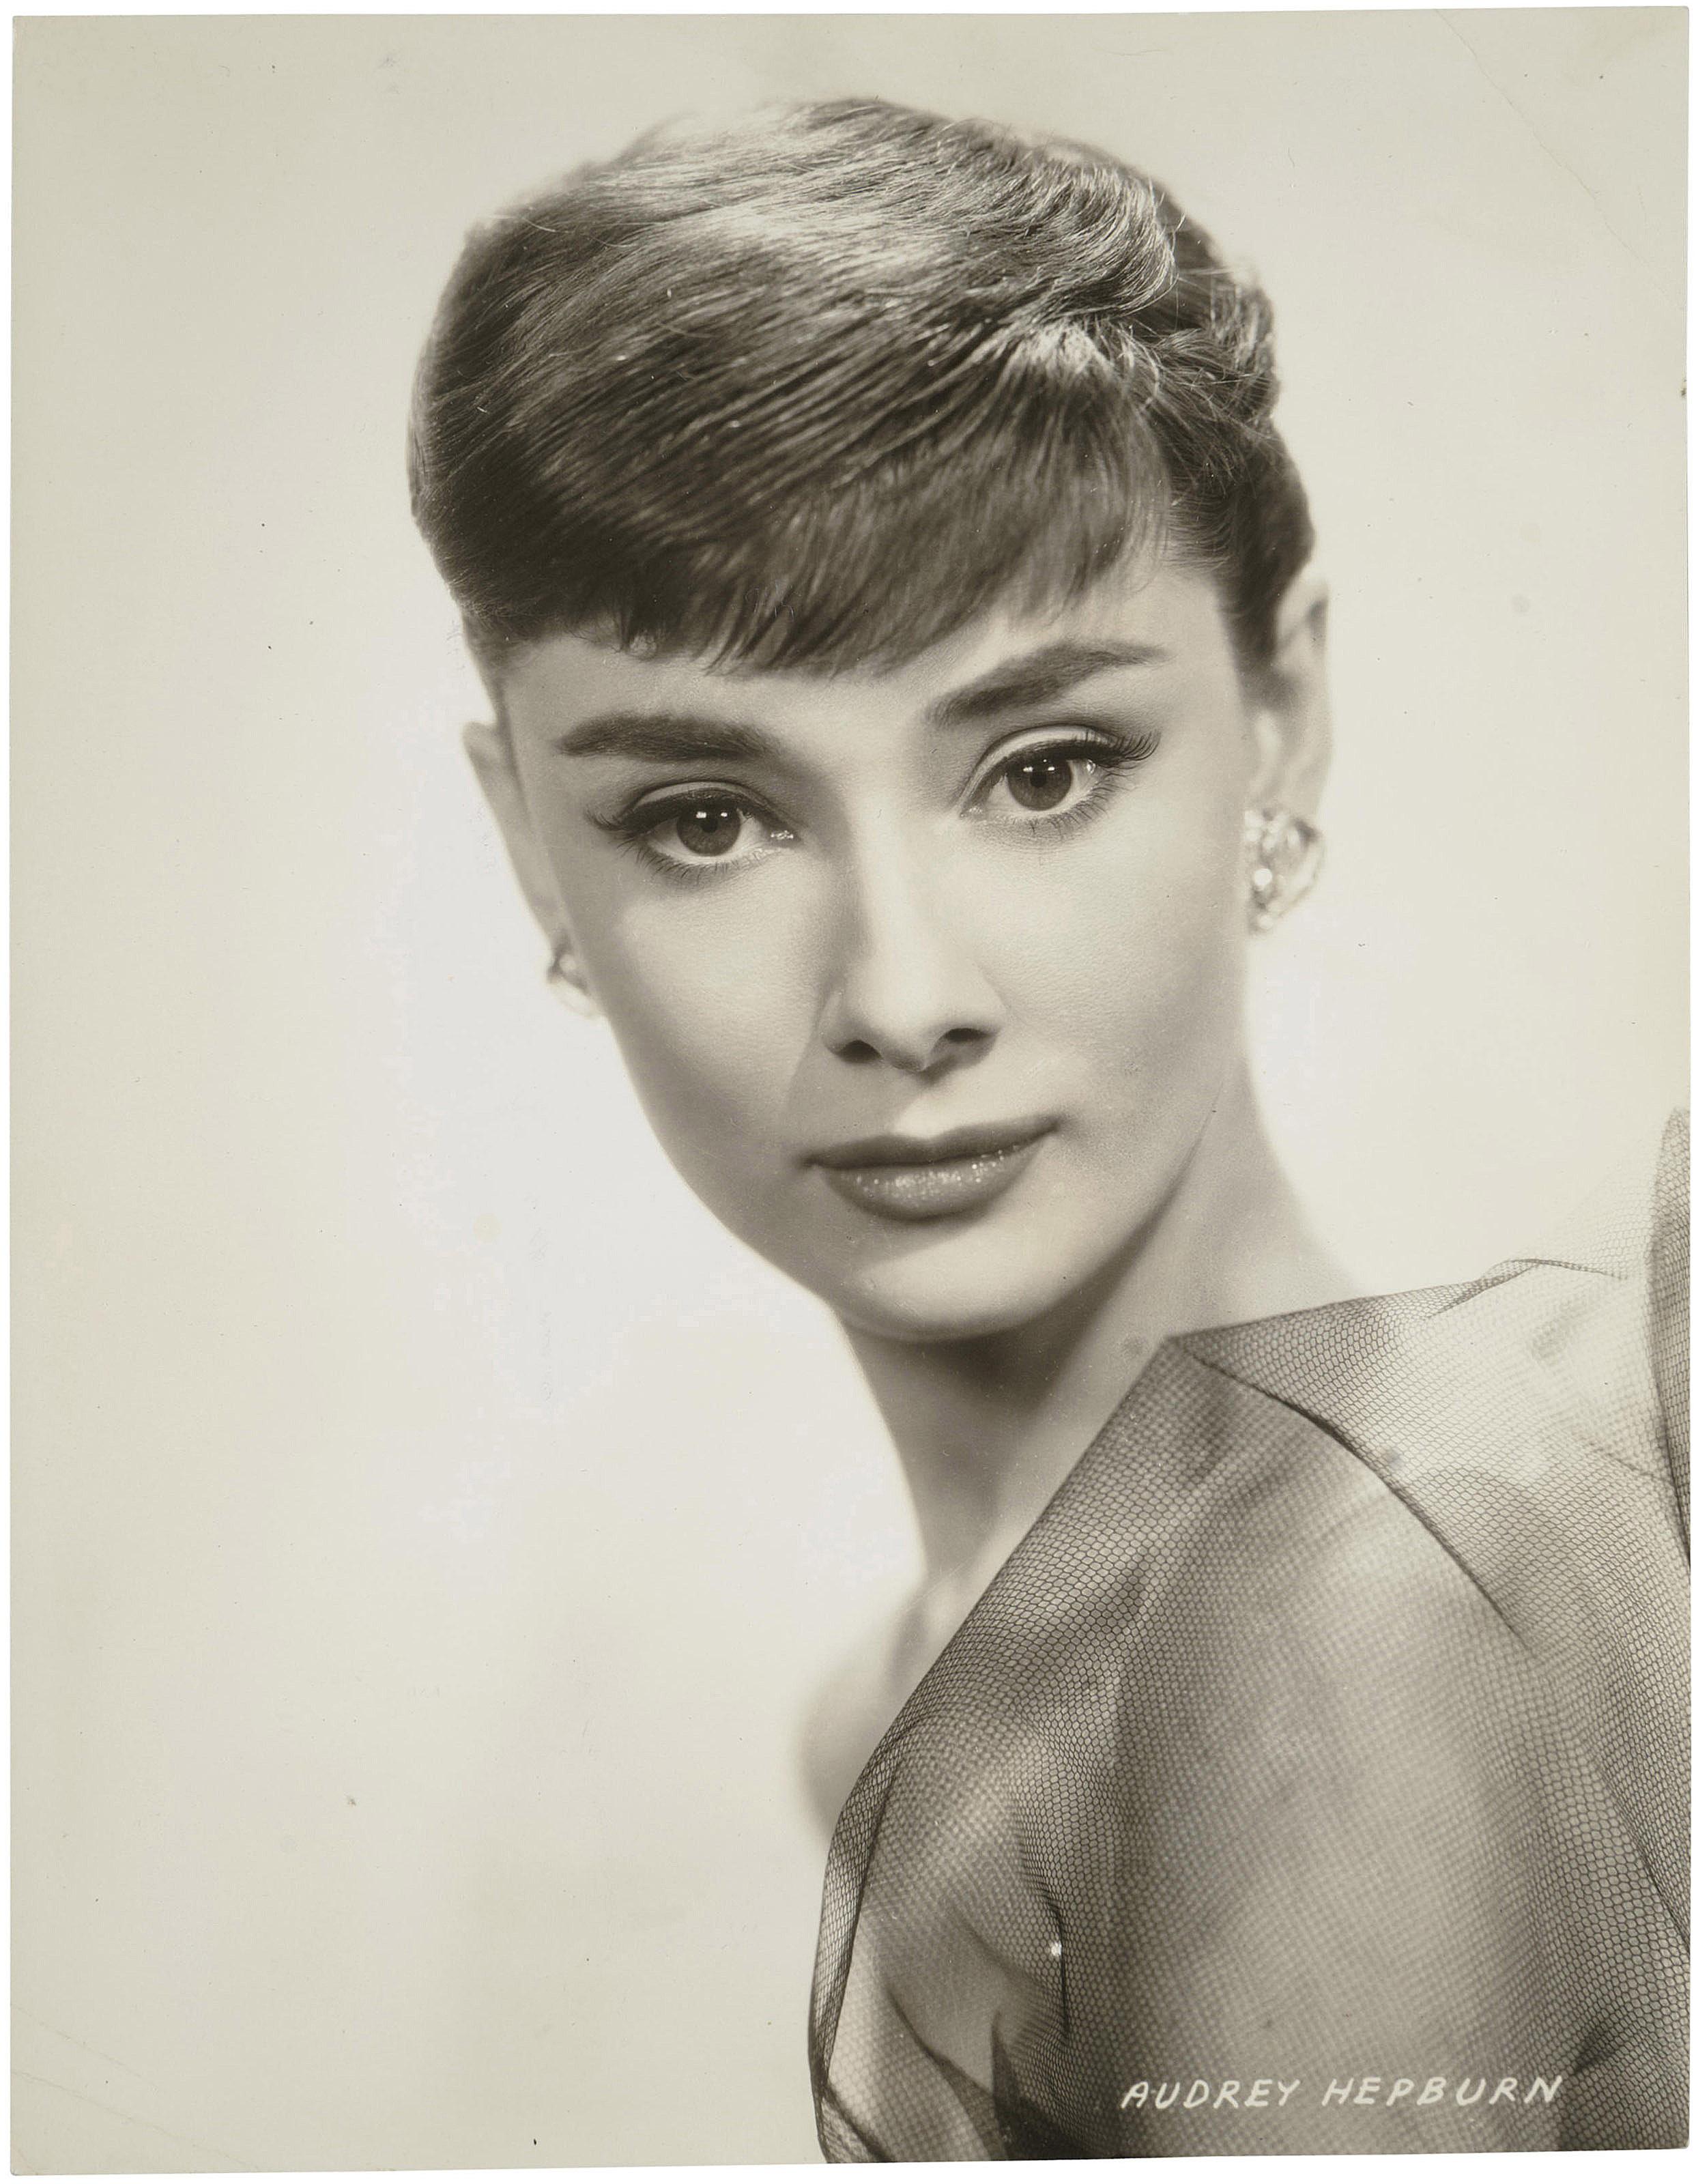 SABRINA, 1954, Audrey Hepburn for the 1954 Paramount ...